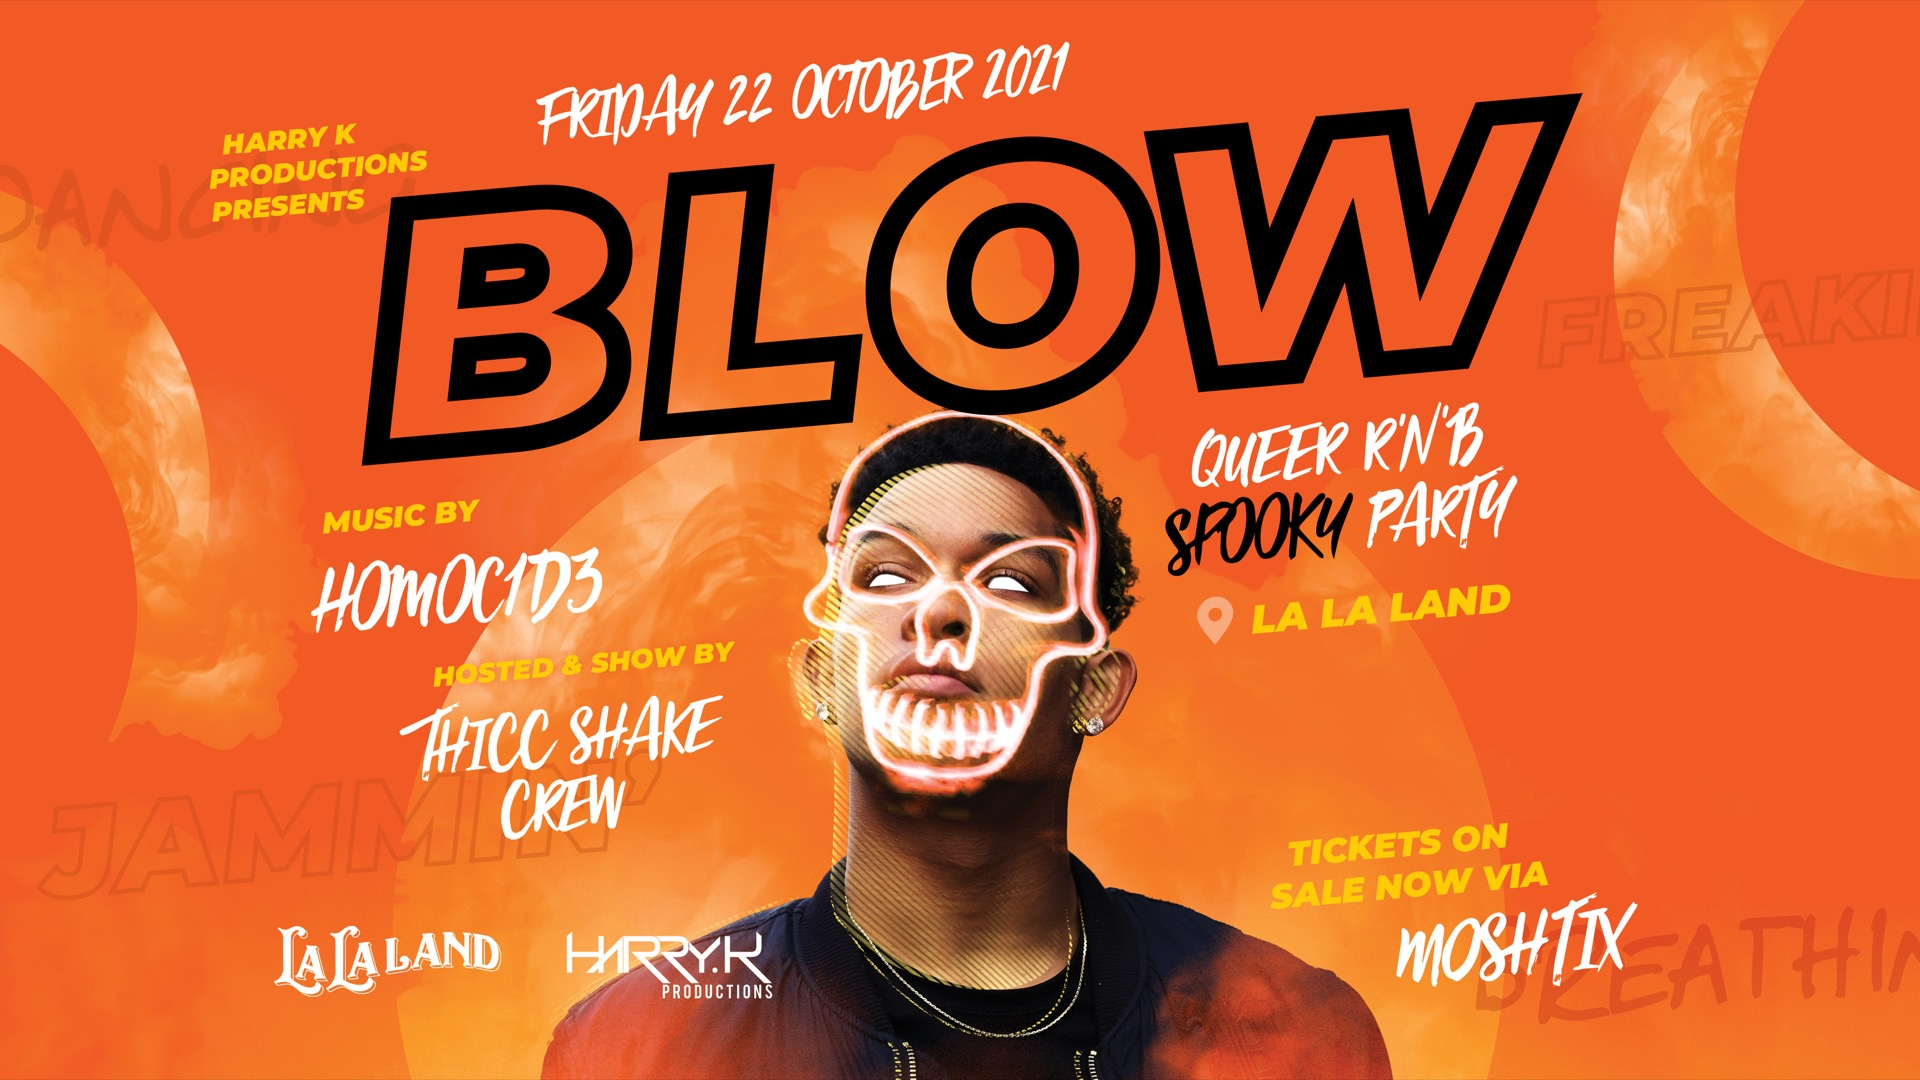 BLOW | Queer R'n'B Spooky party